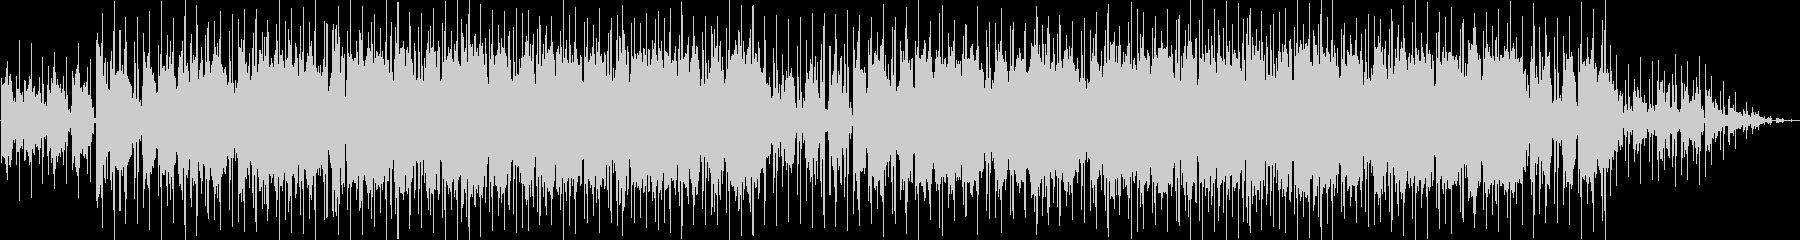 LoFi系切ないチルアウトの未再生の波形